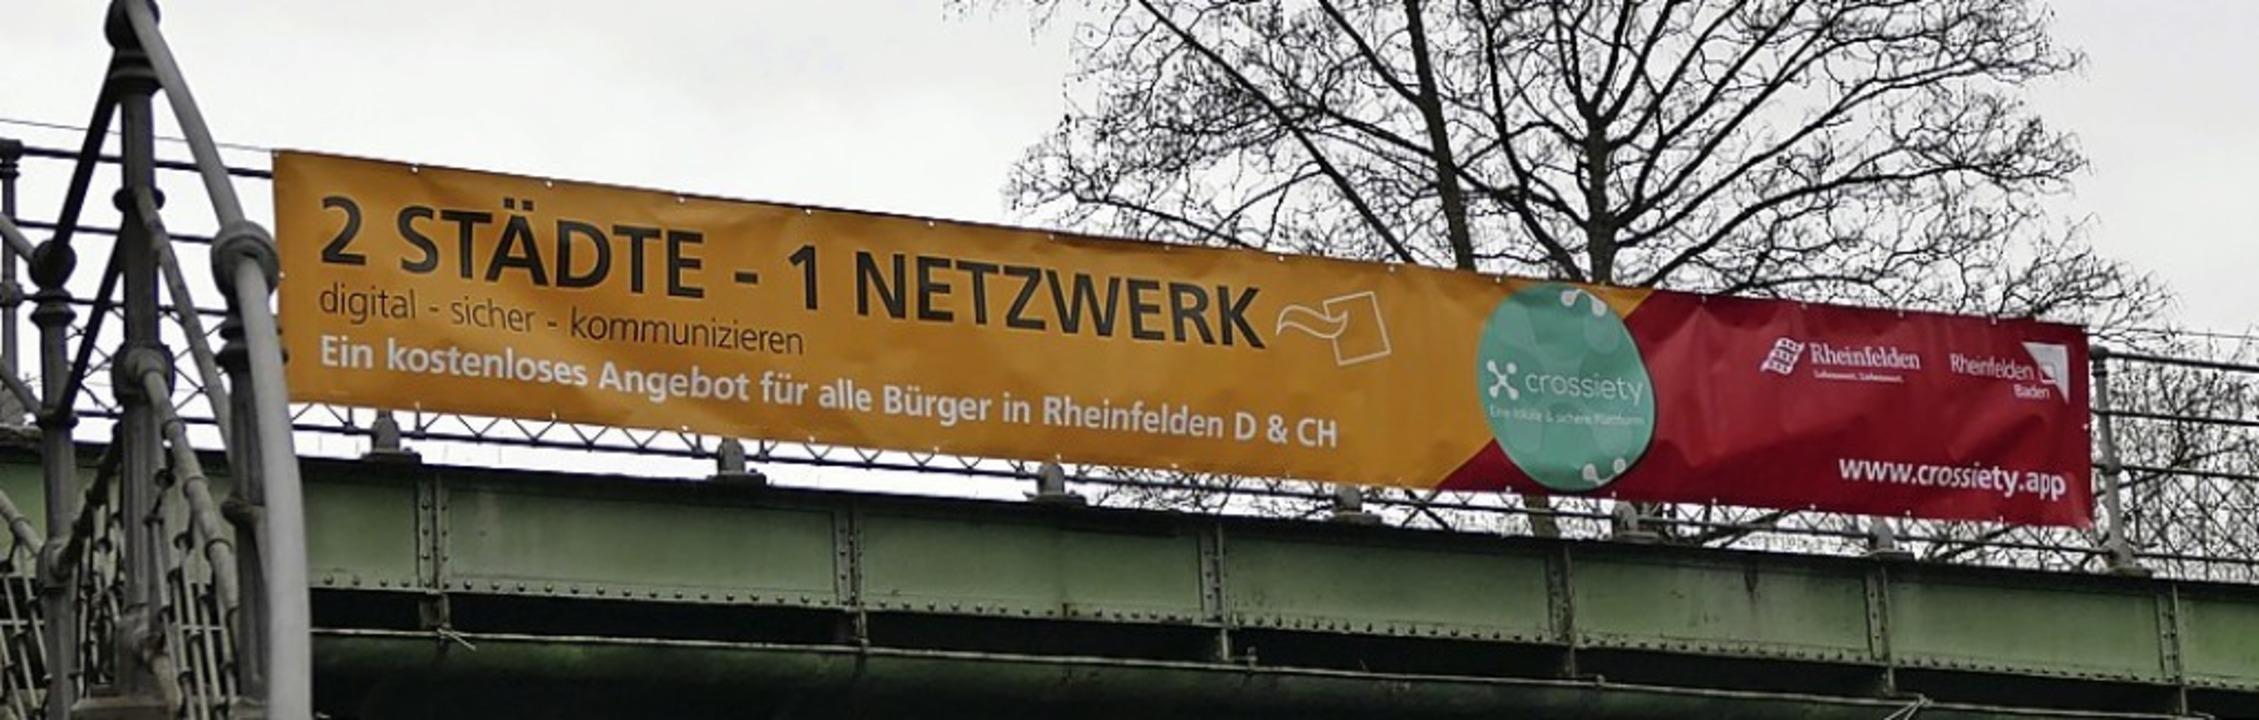 Zwei Städte, ein Netzwerk: Crossiety-Werbung an der Basler Straße  | Foto: Dora Schöls